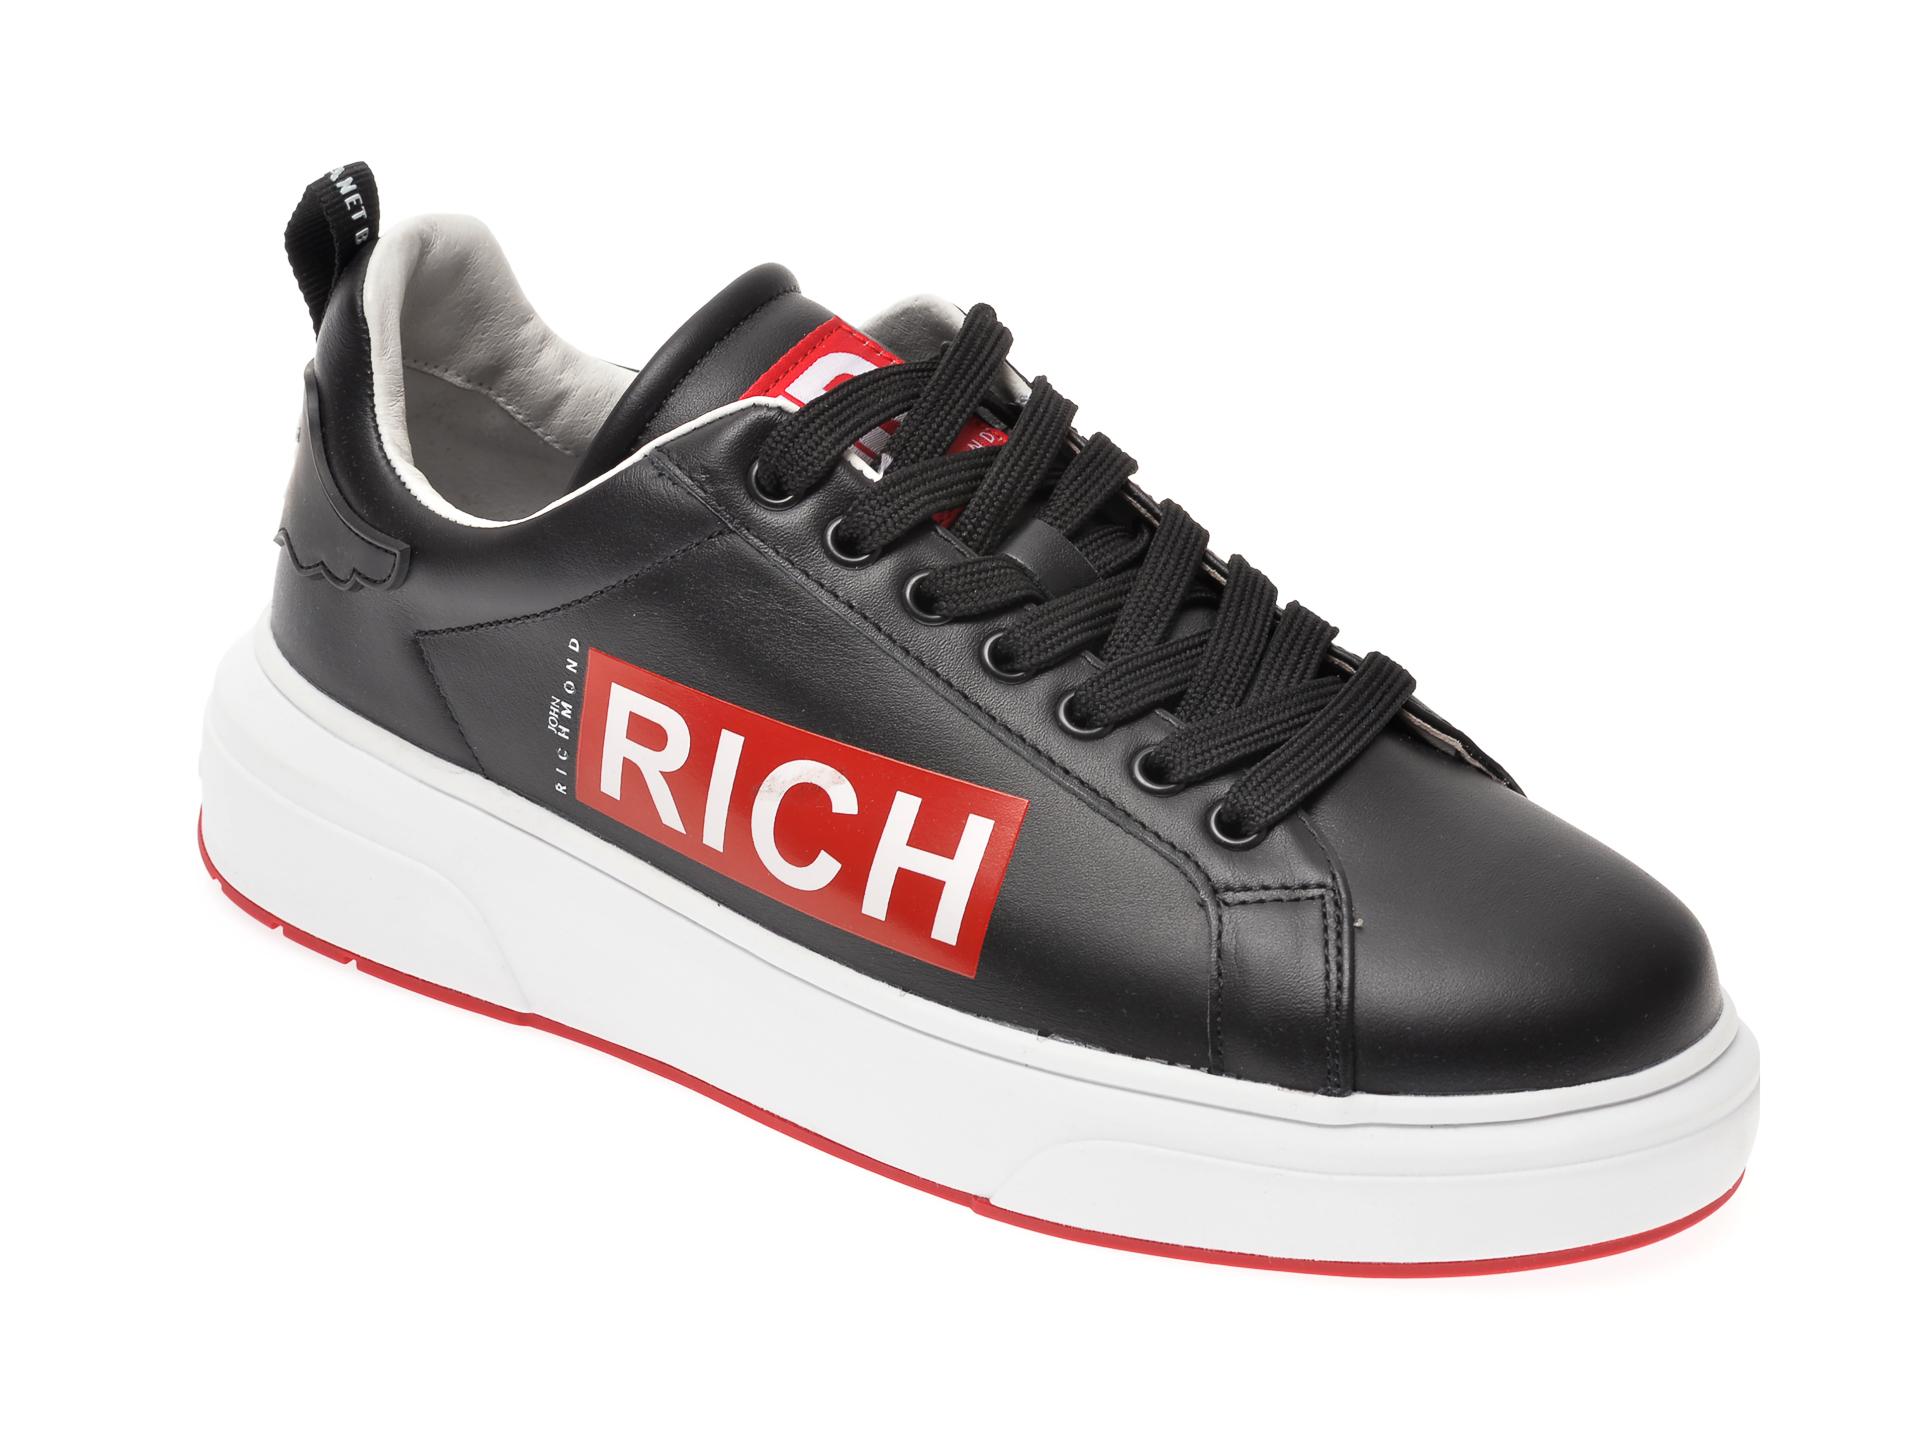 Pantofi JOHN RICHMOND negri, 1330, din piele naturala New